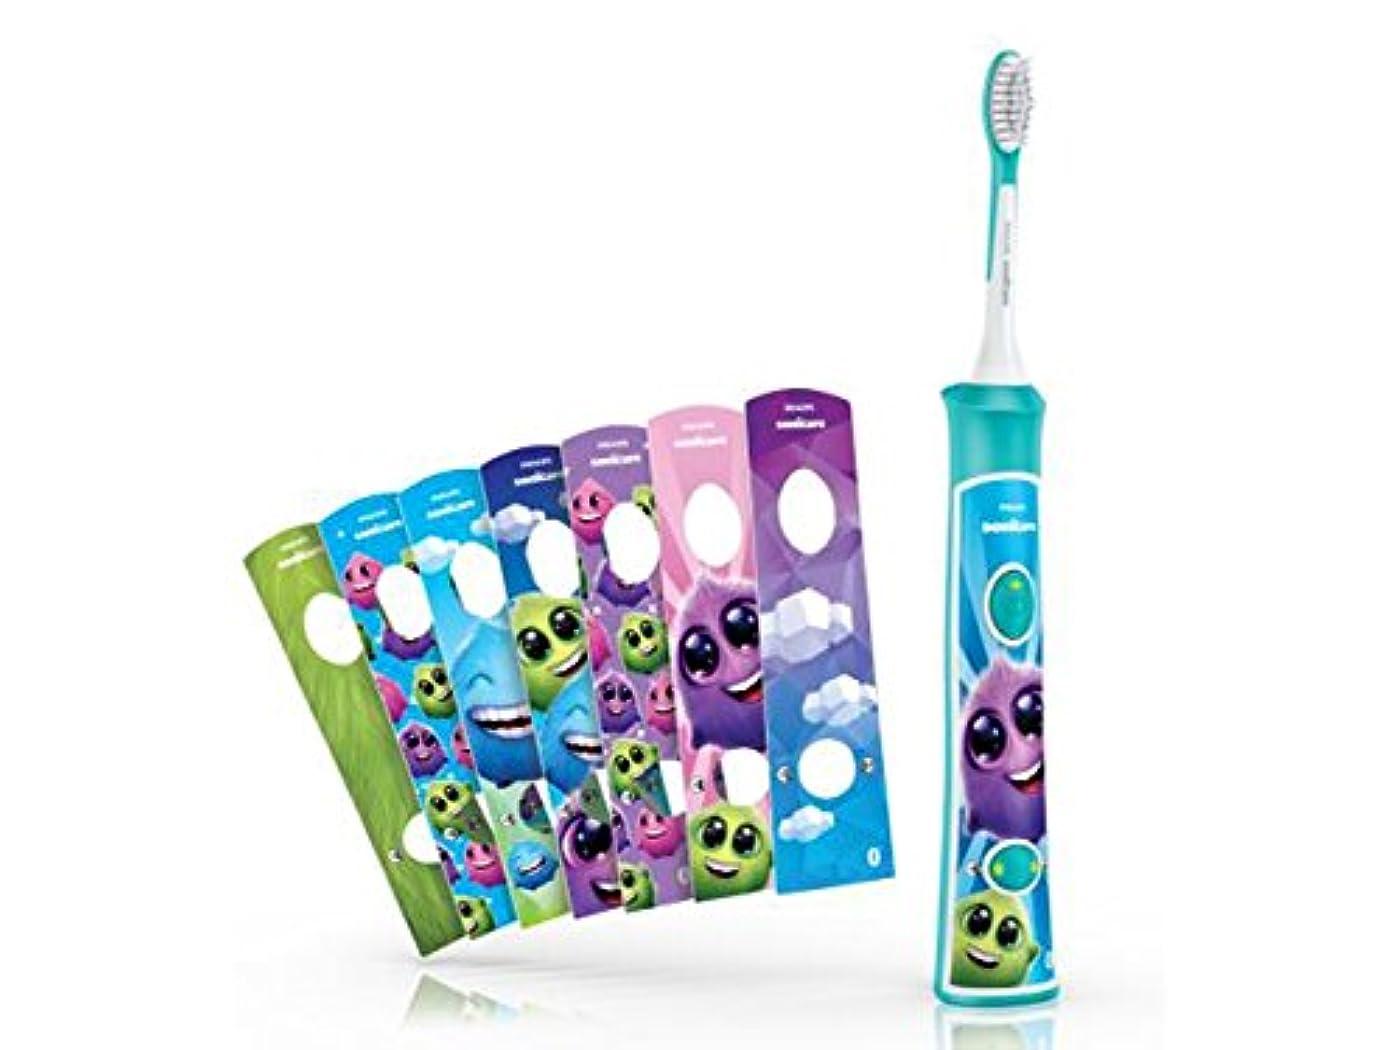 はっきりしない電話びっくりするフィリップス ソニッケアー キッズ こども用電動歯ブラシ アプリ連動 HX6321/03